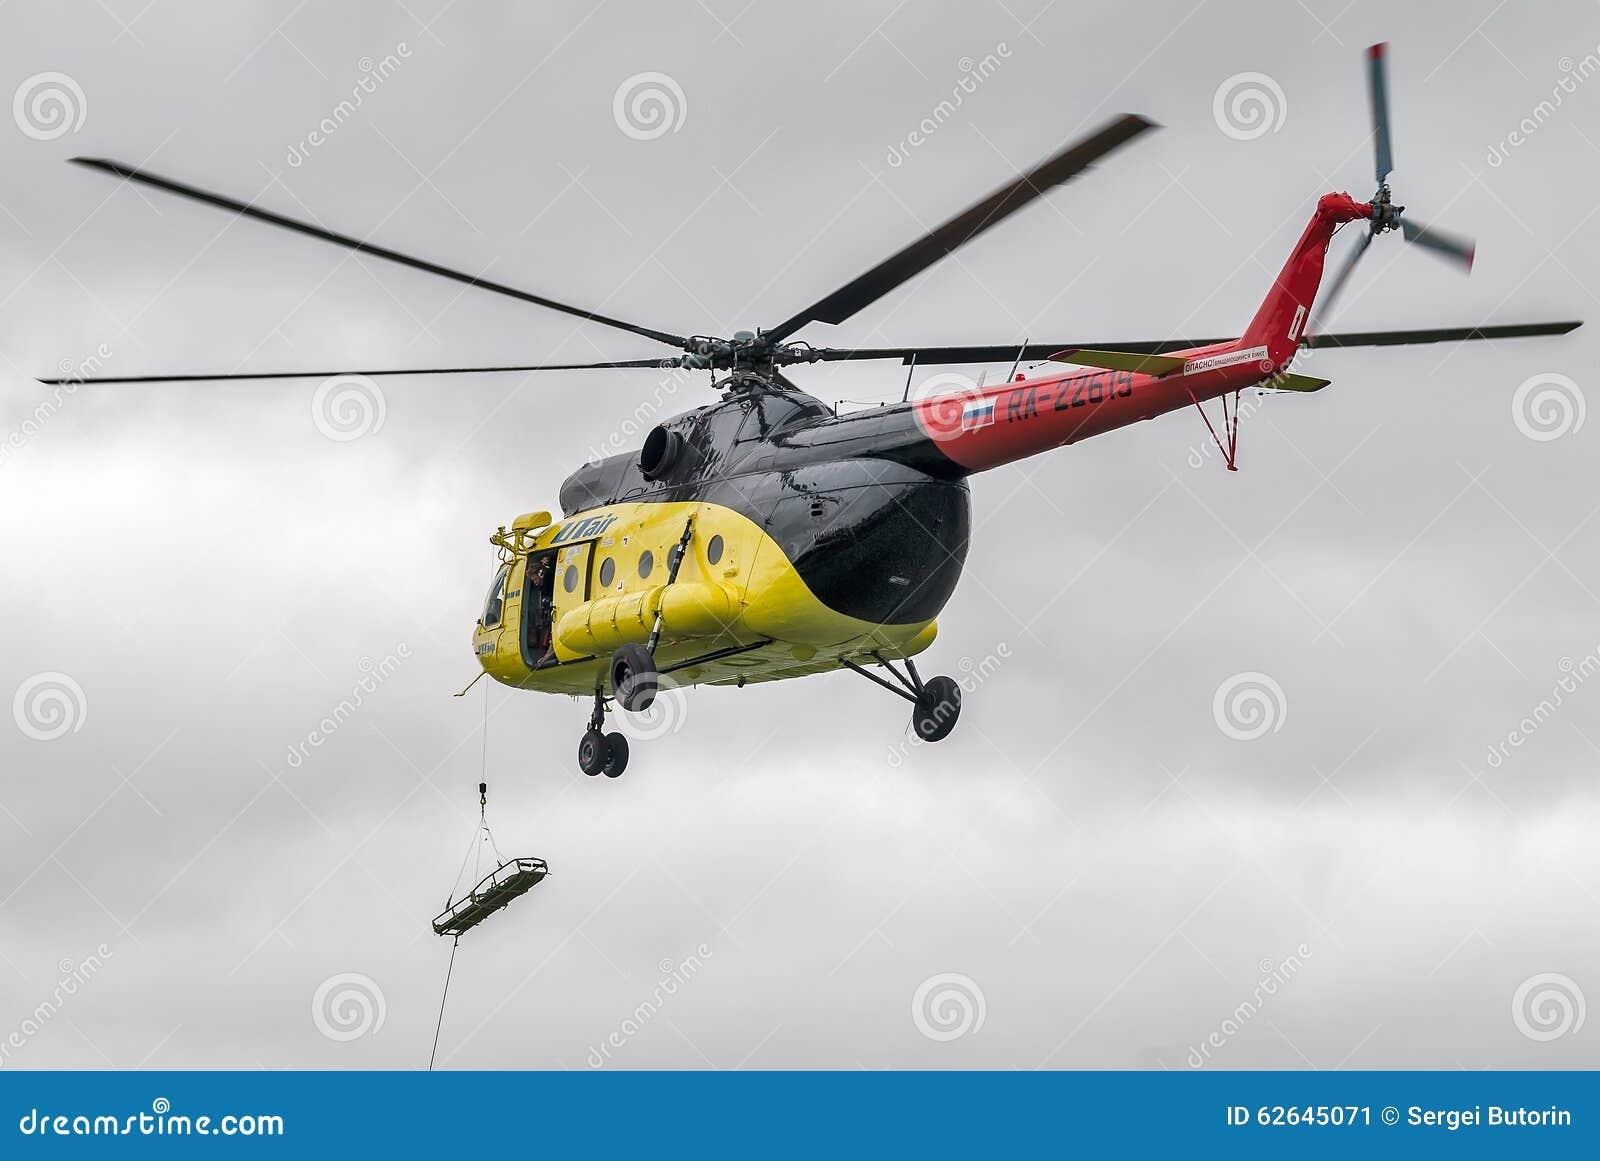 Elicottero 450 : Discesa della barella vuota dallelicottero mi 8 fotografia